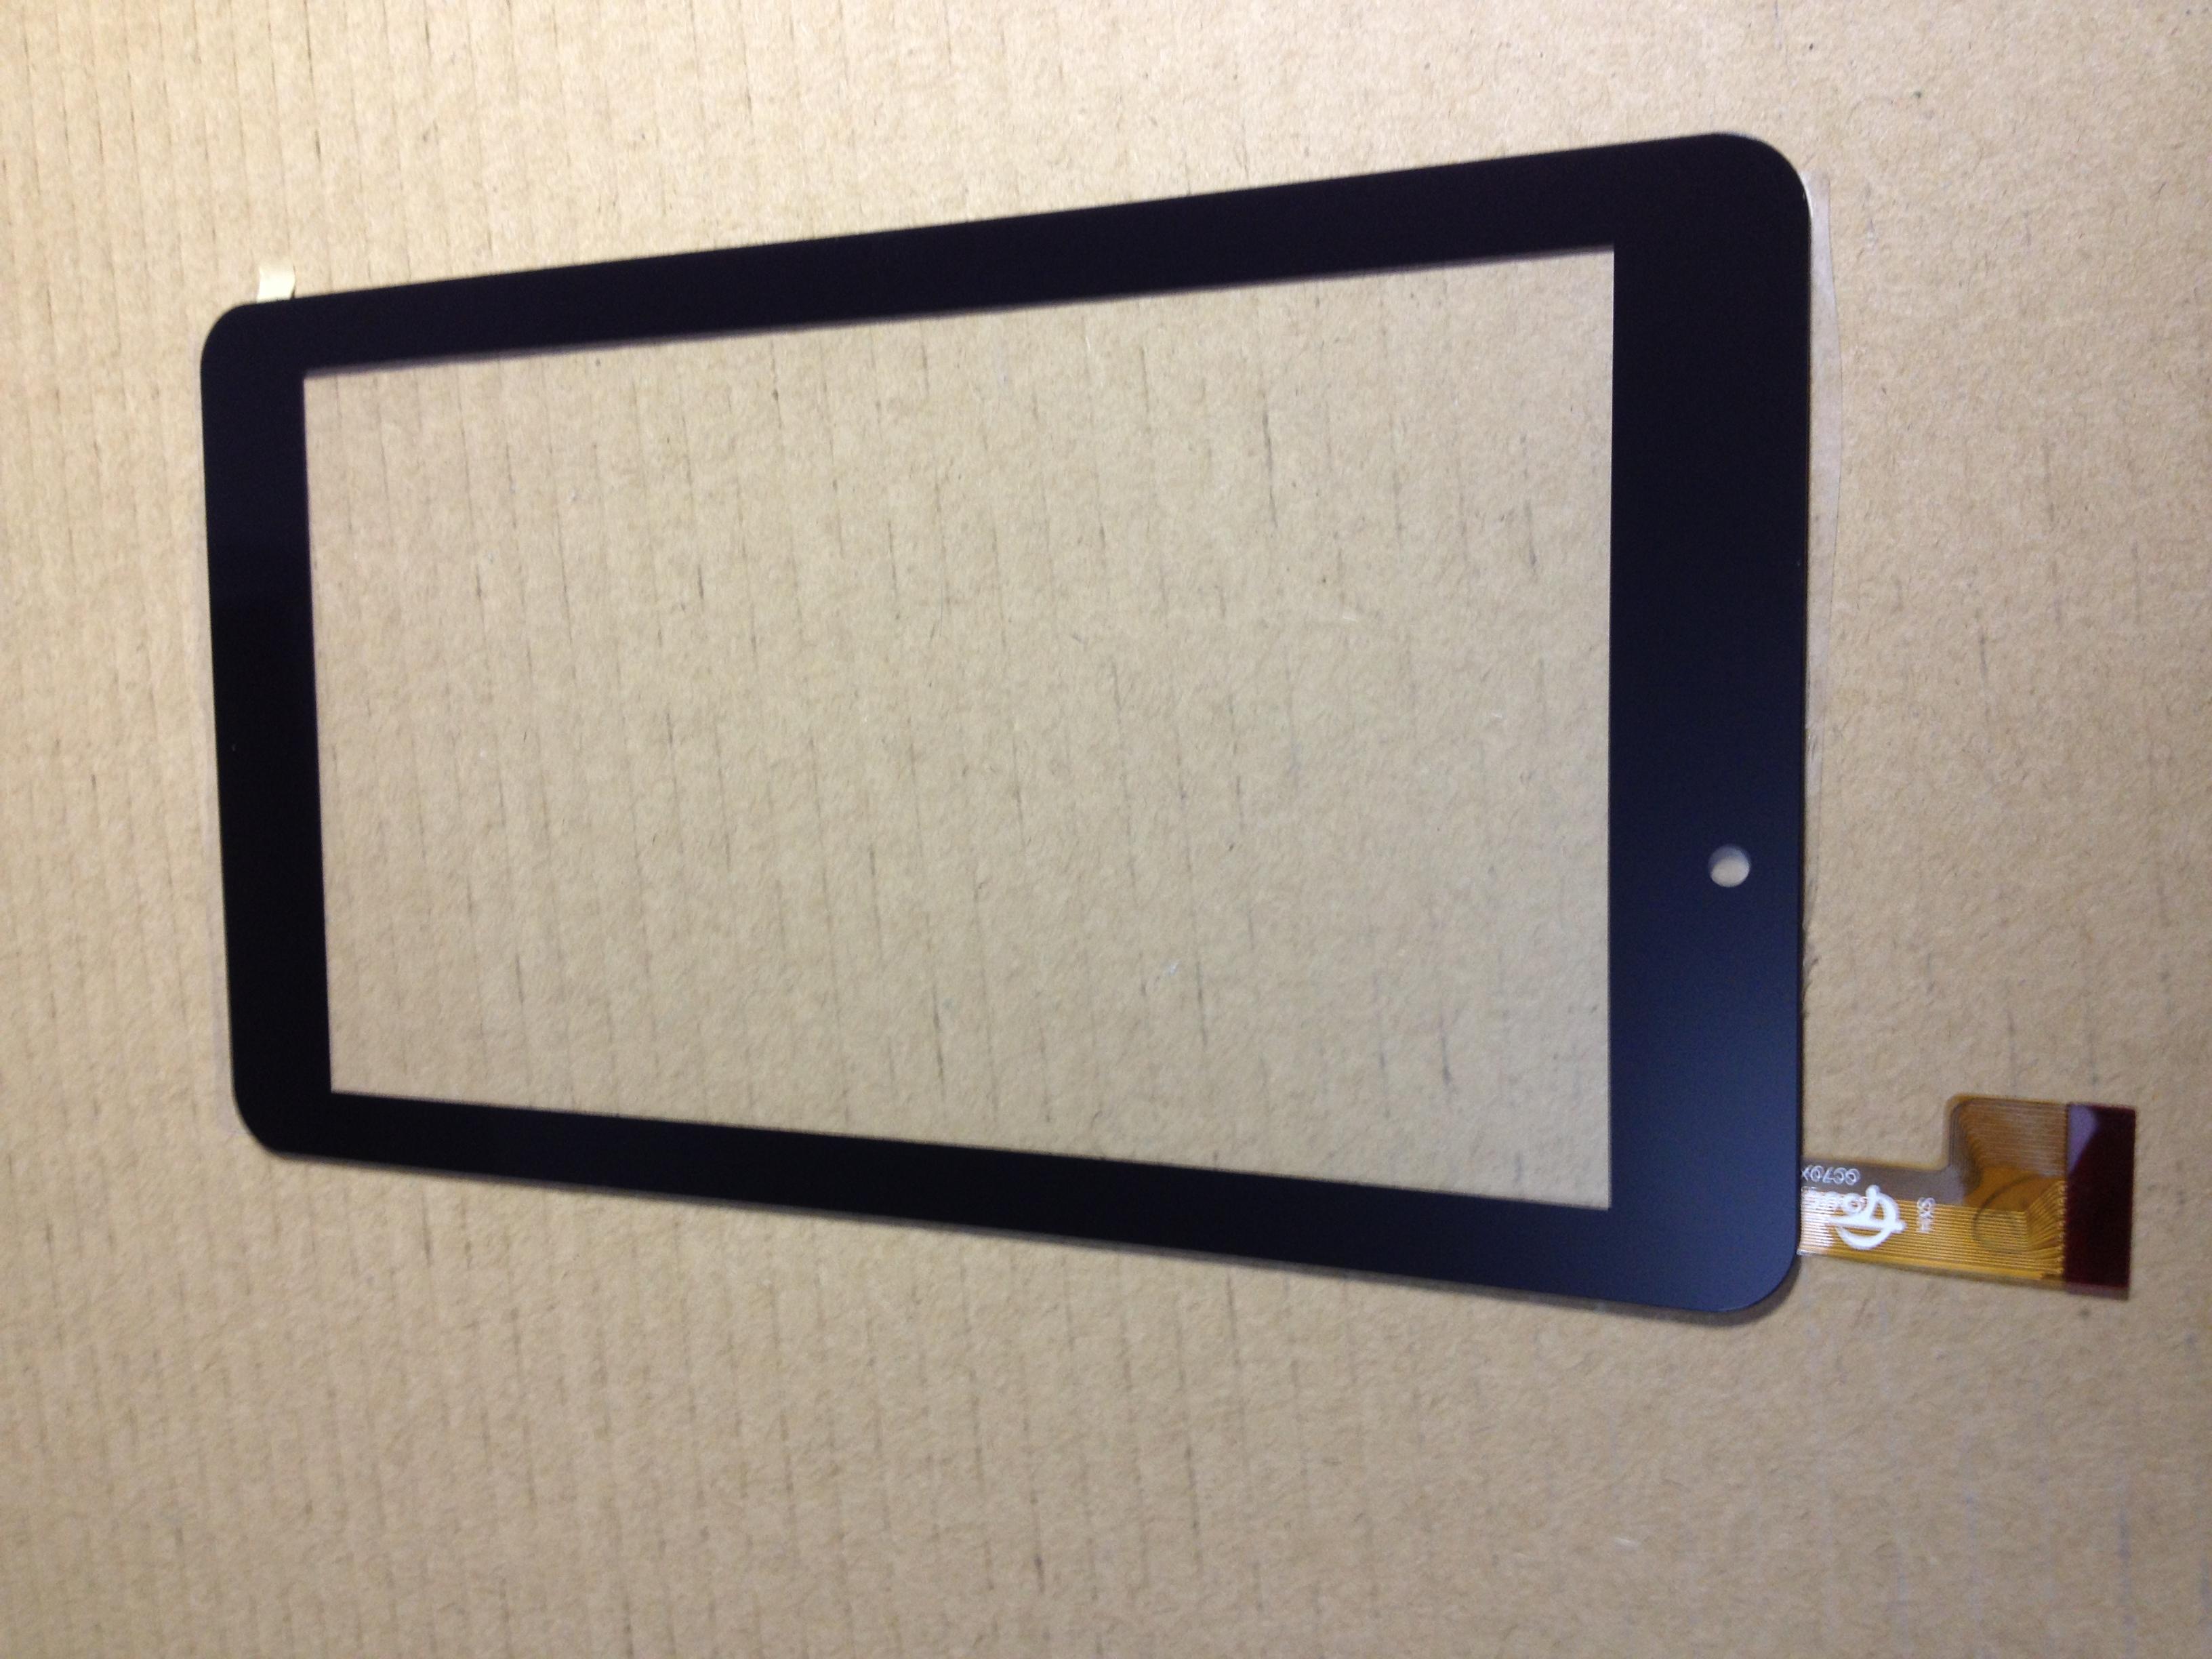 GT70PHKF718 7 дюймовый сенсорный экран Tablet PC сенсорный экран экран сенсорный емкостный экран записи таблетки